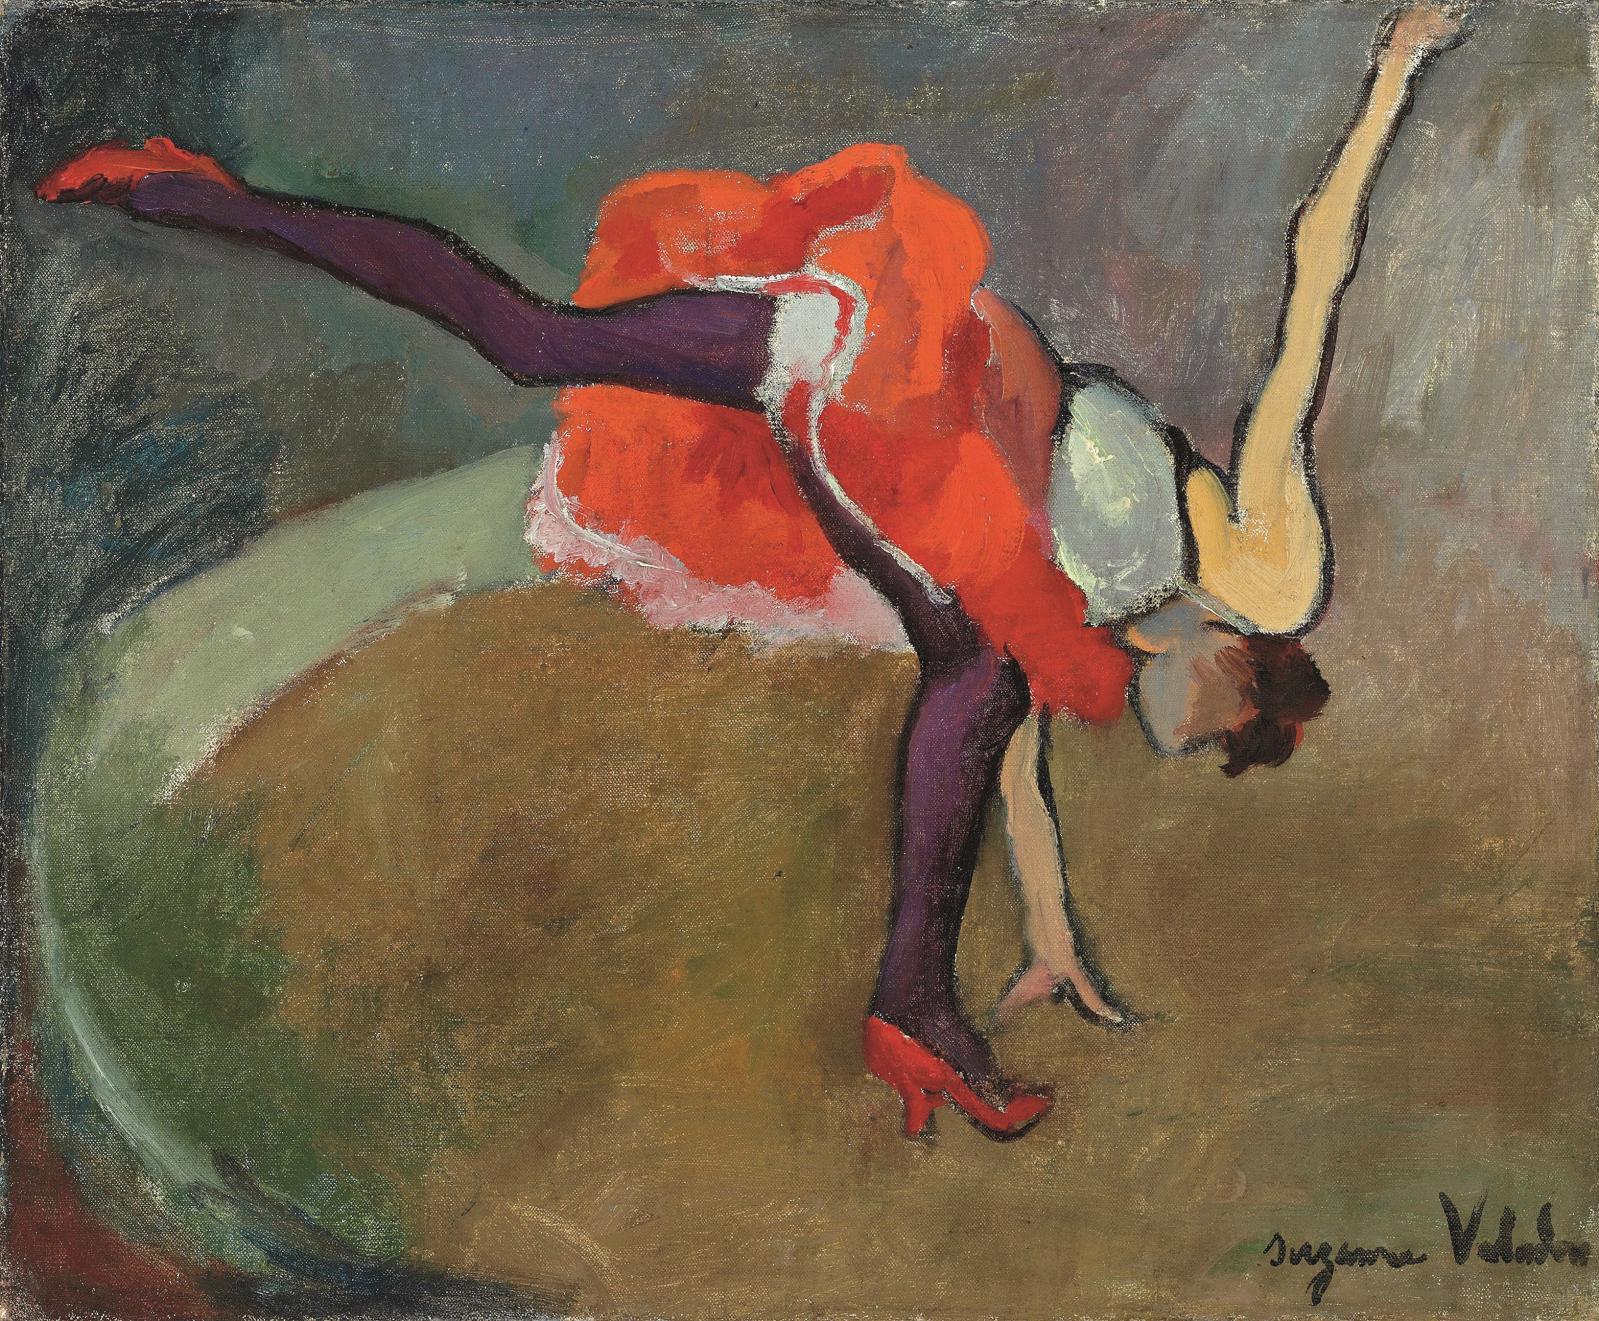 Suzanne Valadon (1865-1938), L'Acrobate ou la Roue, 1916, détail.